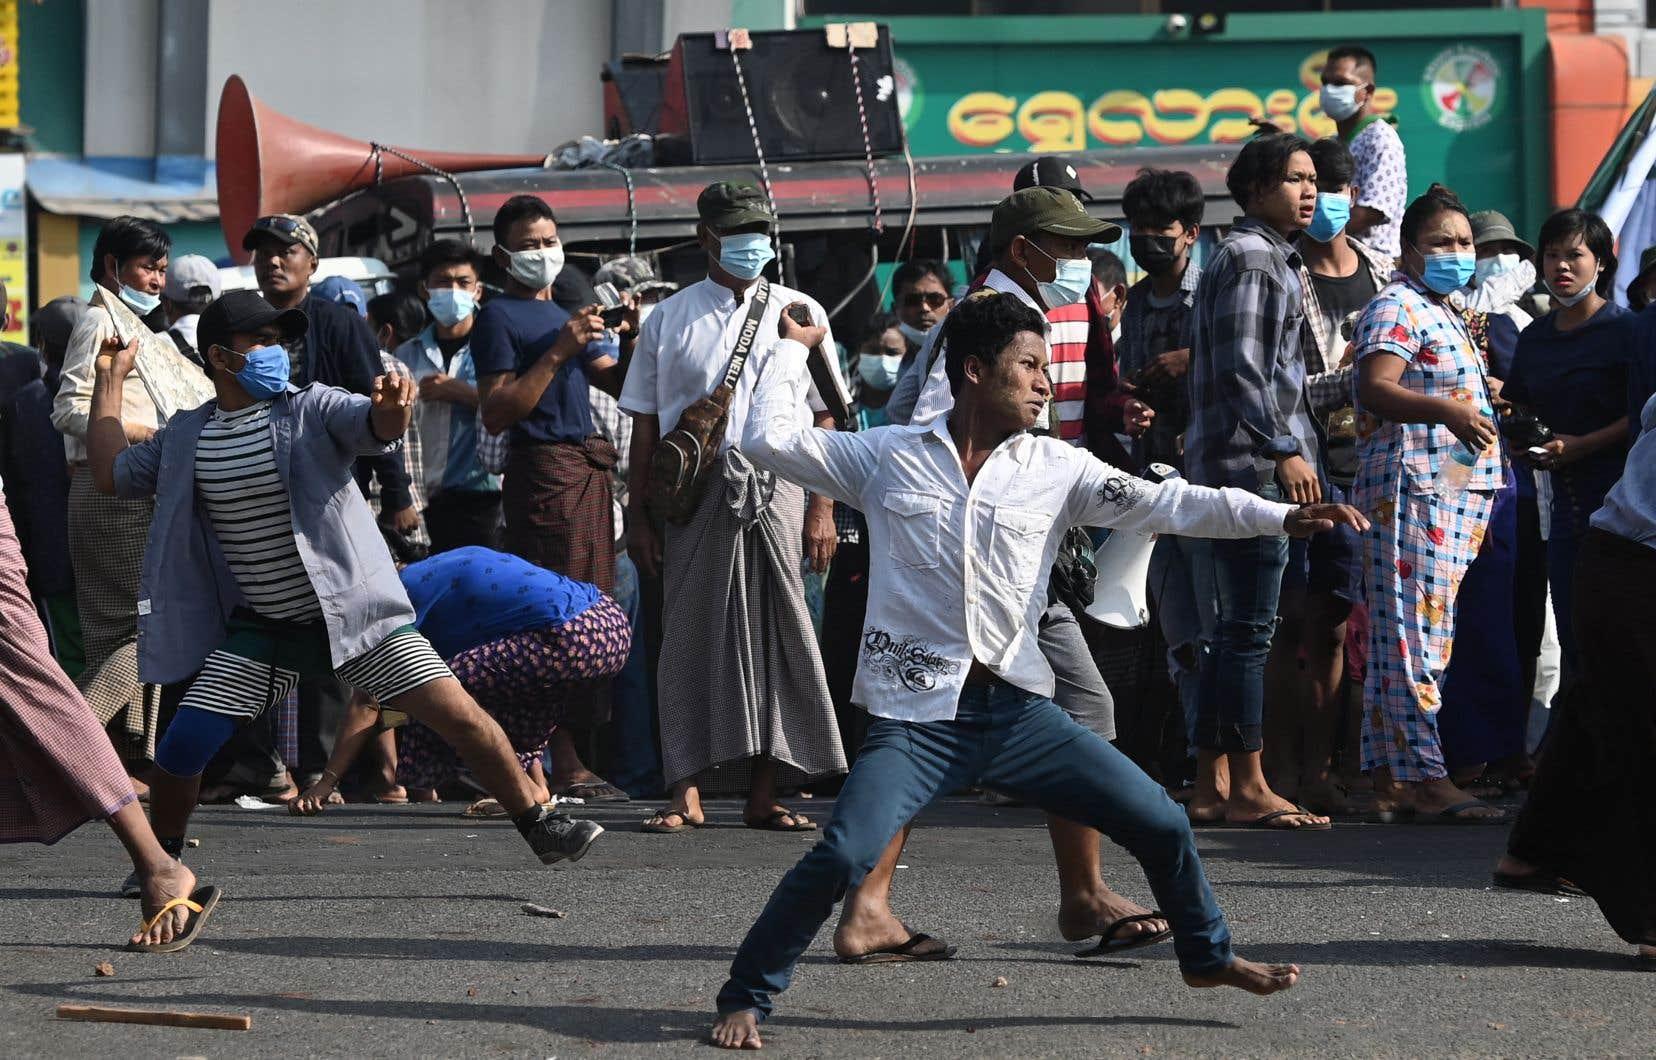 Après une montée des tensions dans le centre-ville de Rangoun, des affrontements ont éclaté. Des partisans des militaires — certains armés de bouts de tuyaux ou de couteaux, ou faisant usage de lance-pierres — se sont retournés contre les habitants qui les huaient.